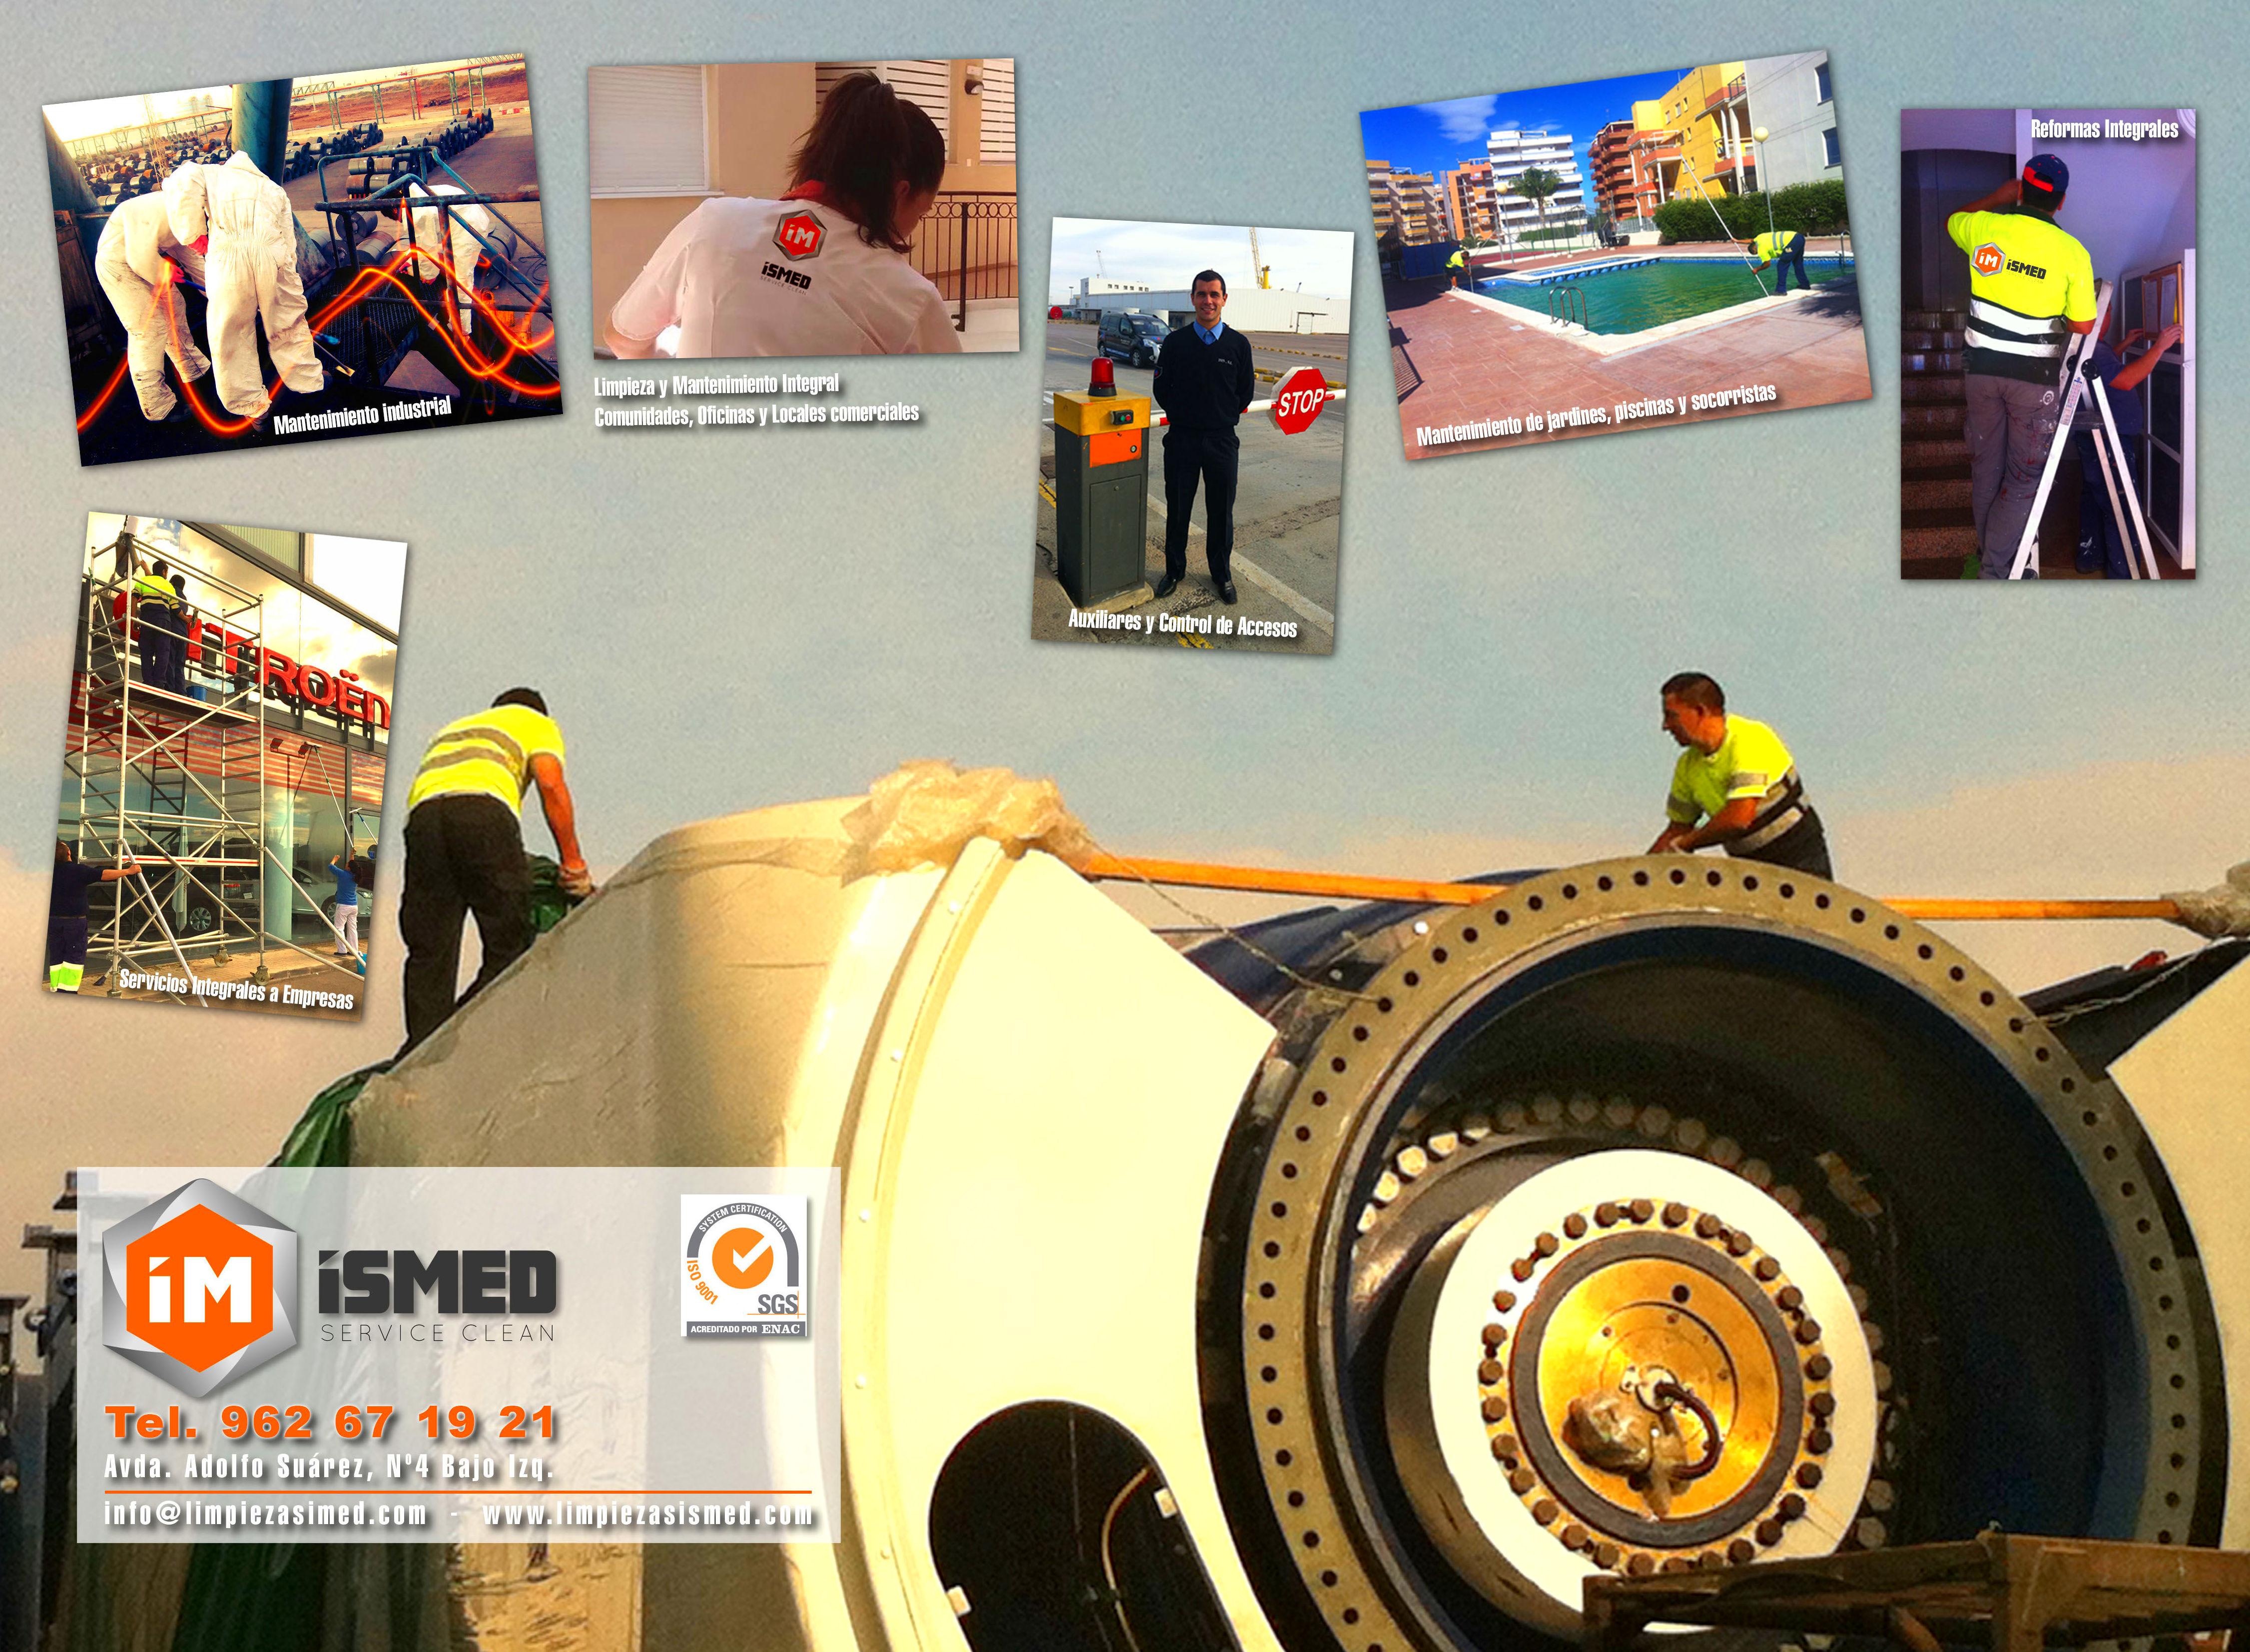 Foto 8 de Empresas de limpieza en Puerto Sagunto | Ismed Servicios Integrales